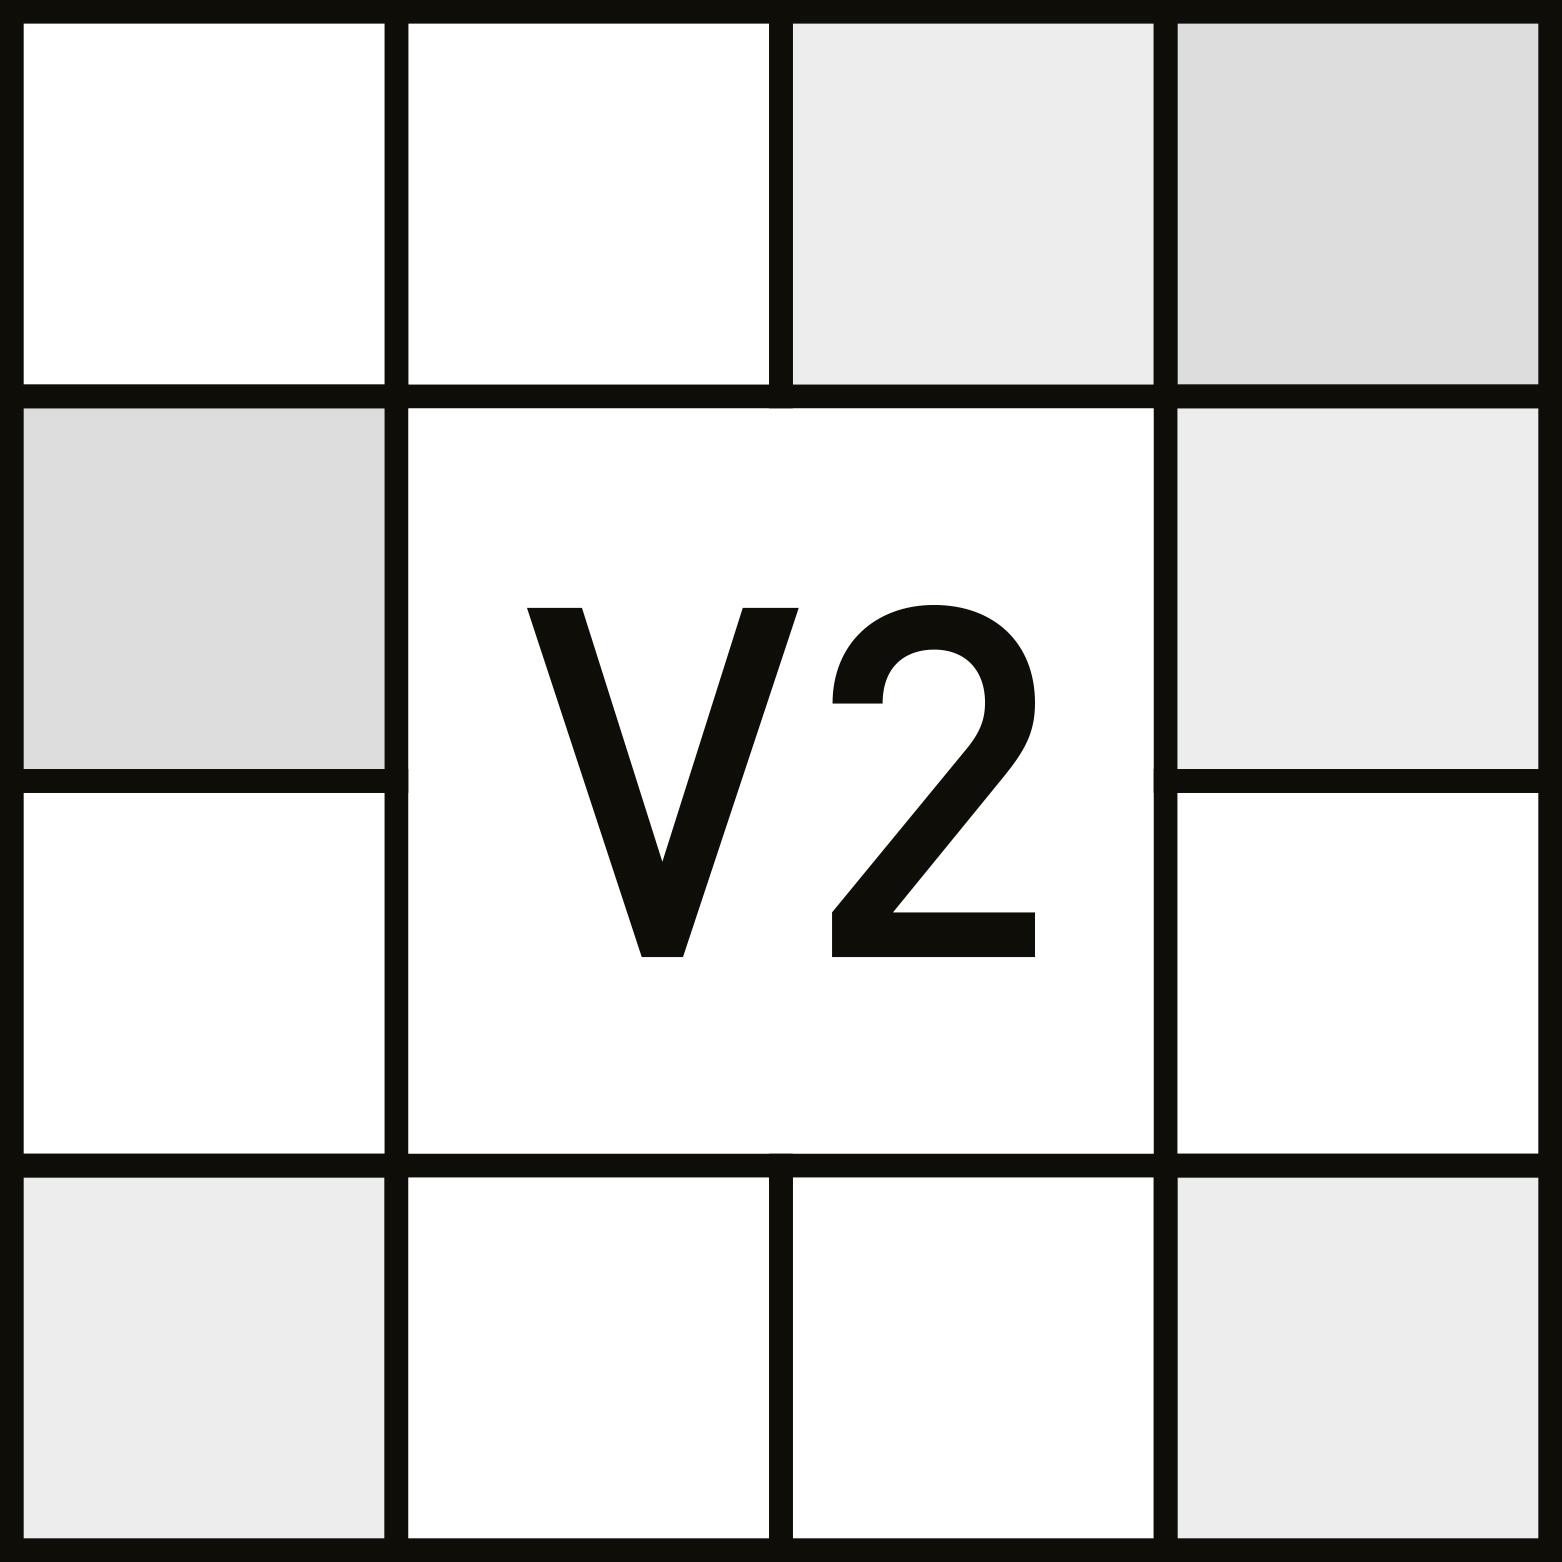 V2 - BAIXO - Ligeira variação. - ANSI A137.1 - Farbspiel